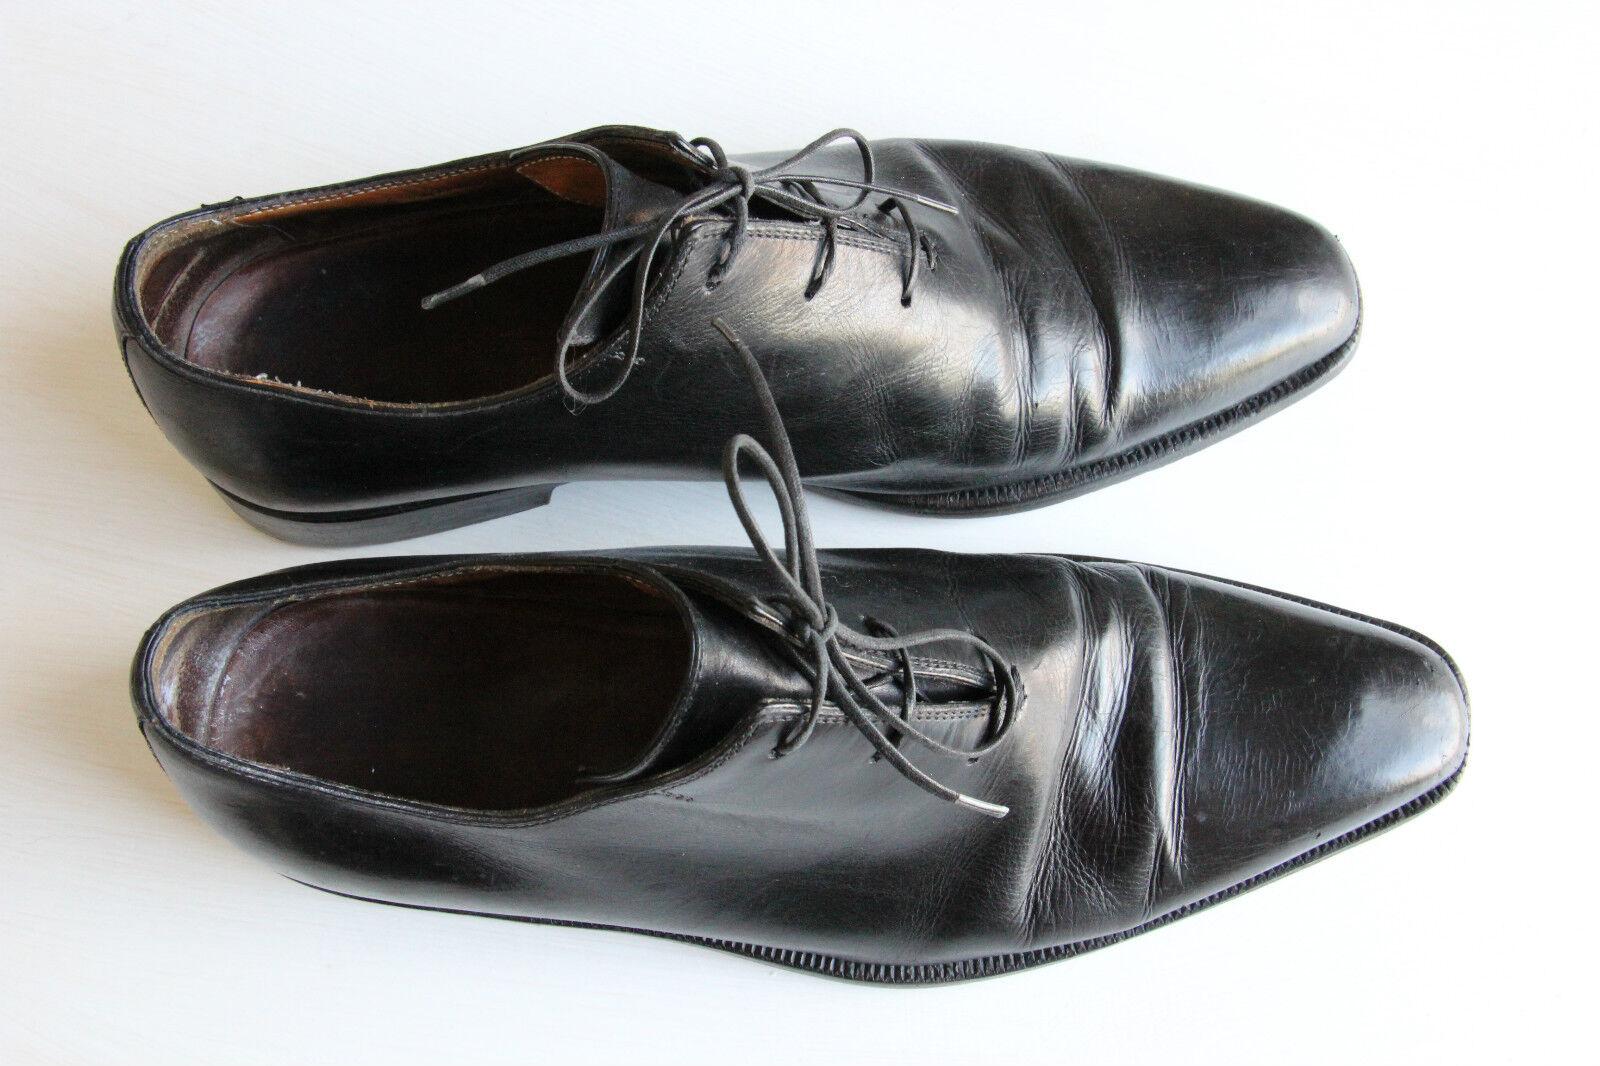 ICONIC Sutor Mantellassi negro Cordones De Cuero Zapatos  Hecho a Mano 6.5 UE 40 -50%